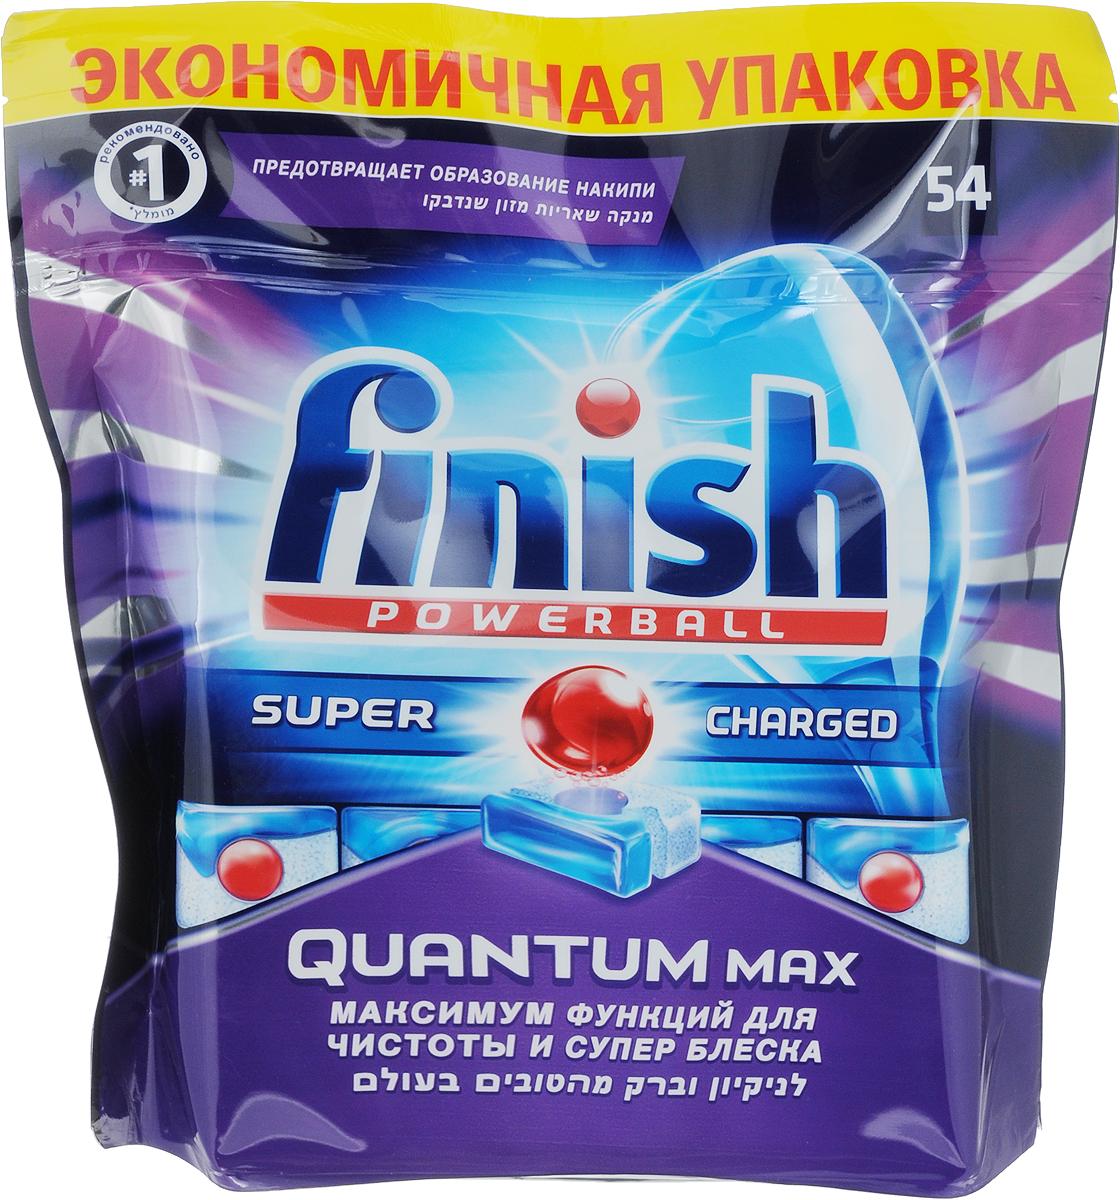 Таблетки для посудомоечной машины Finish Quantum Max, 54 шт10577Таблетки для посудомоечной машины Finish Quantum Max обеспечивают максимальную чистоту и супер блеск. Особенности: - эффективное очищение,- эффективное расщепление жира,- удаление пятен от чая, - эффект замачивания, - функция соли и ополаскивания, - усиление блеска, - очищение при низкой температуре, - защита фильтра, защита от накипи, - защита стекла и серебра. Finish Quantum Max справится с любыми трудностями. Содержит формулу POWERBALL, которая обеспечит наилучшее очищение и блеск, а также предотвратит образование накипи в посудомоечной машине. Рекомендации от Finish для наилучших результатов.Жесткая вода способствует образованию накипи, пятен и подтеков на вашей посуде. Жесткая вода снижает эффективность работы вашей посудомоечной машины. Содержащаяся в таблетках Quantum Max специальная соль эффективно действует в мягкой/средней жесткости и жесткой воде до 26°e (21°dH). При очень жесткой воде дополнительно используйте специальную соль Finish. Продукт не защищает посуду от механических повреждений и не может восстановить поврежденную посуду.Поместите одну таблетку на один моющий цикл в сухой отсек для моющего средства. Для наилучших результатов мытья используйте в циклах с температурным режимом 50/55°С или в режиме Авто. Для мытья посуды на коротких циклах (30 минут) поместите таблетку на дно машины.Товар сертифицирован. Как выбрать качественную бытовую химию, безопасную для природы и людей. Статья OZON Гид